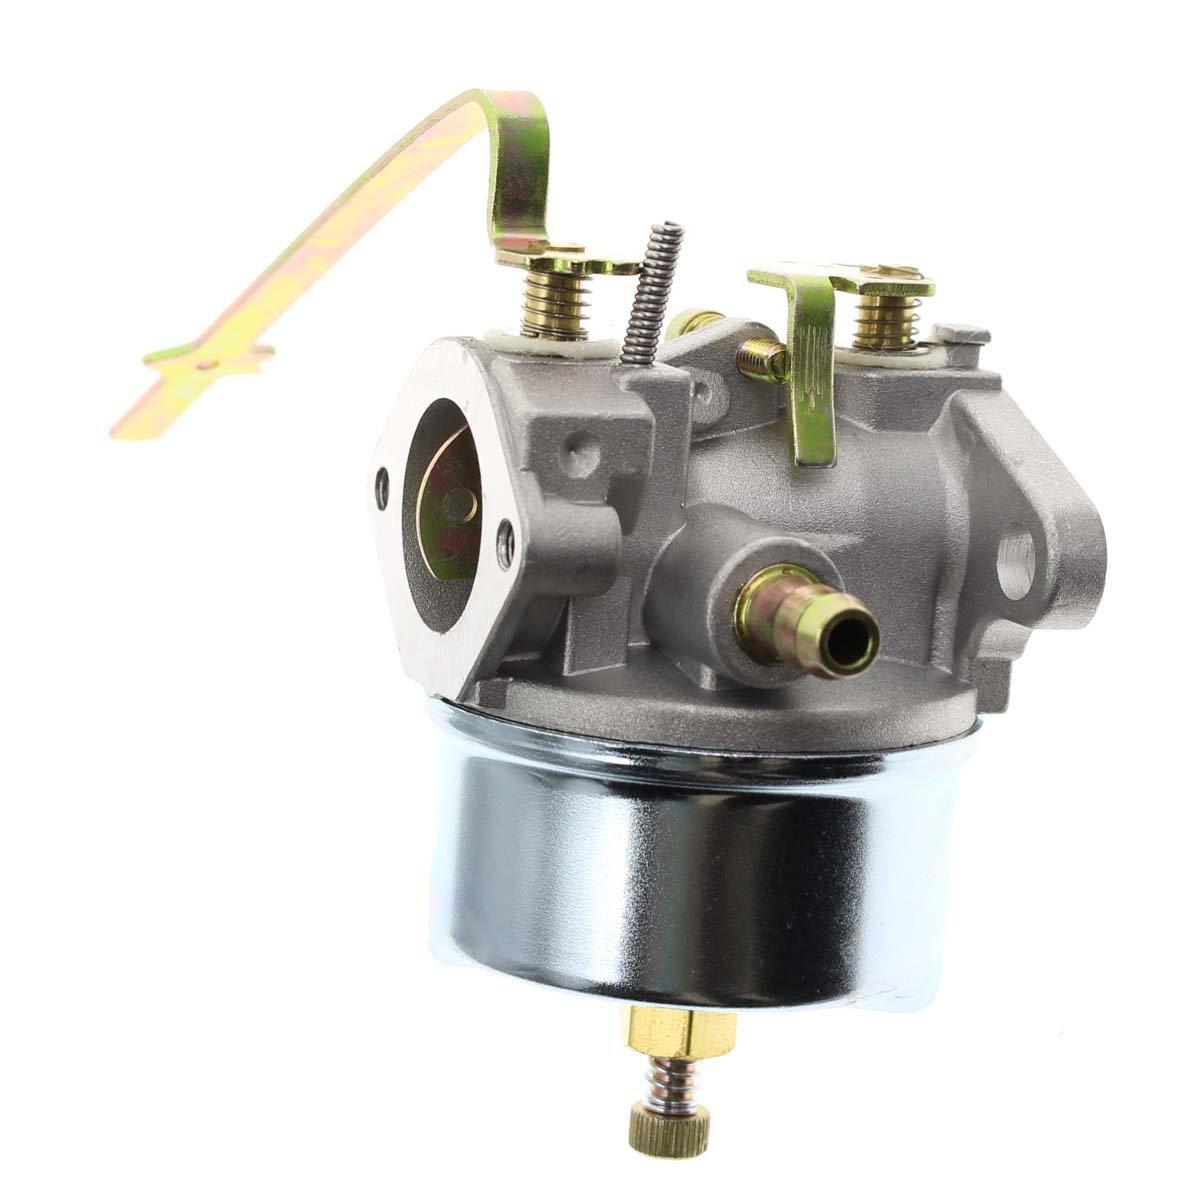 Carburetor Replaces Tecumseh 632615 632208 632589 H30 H35 Engines